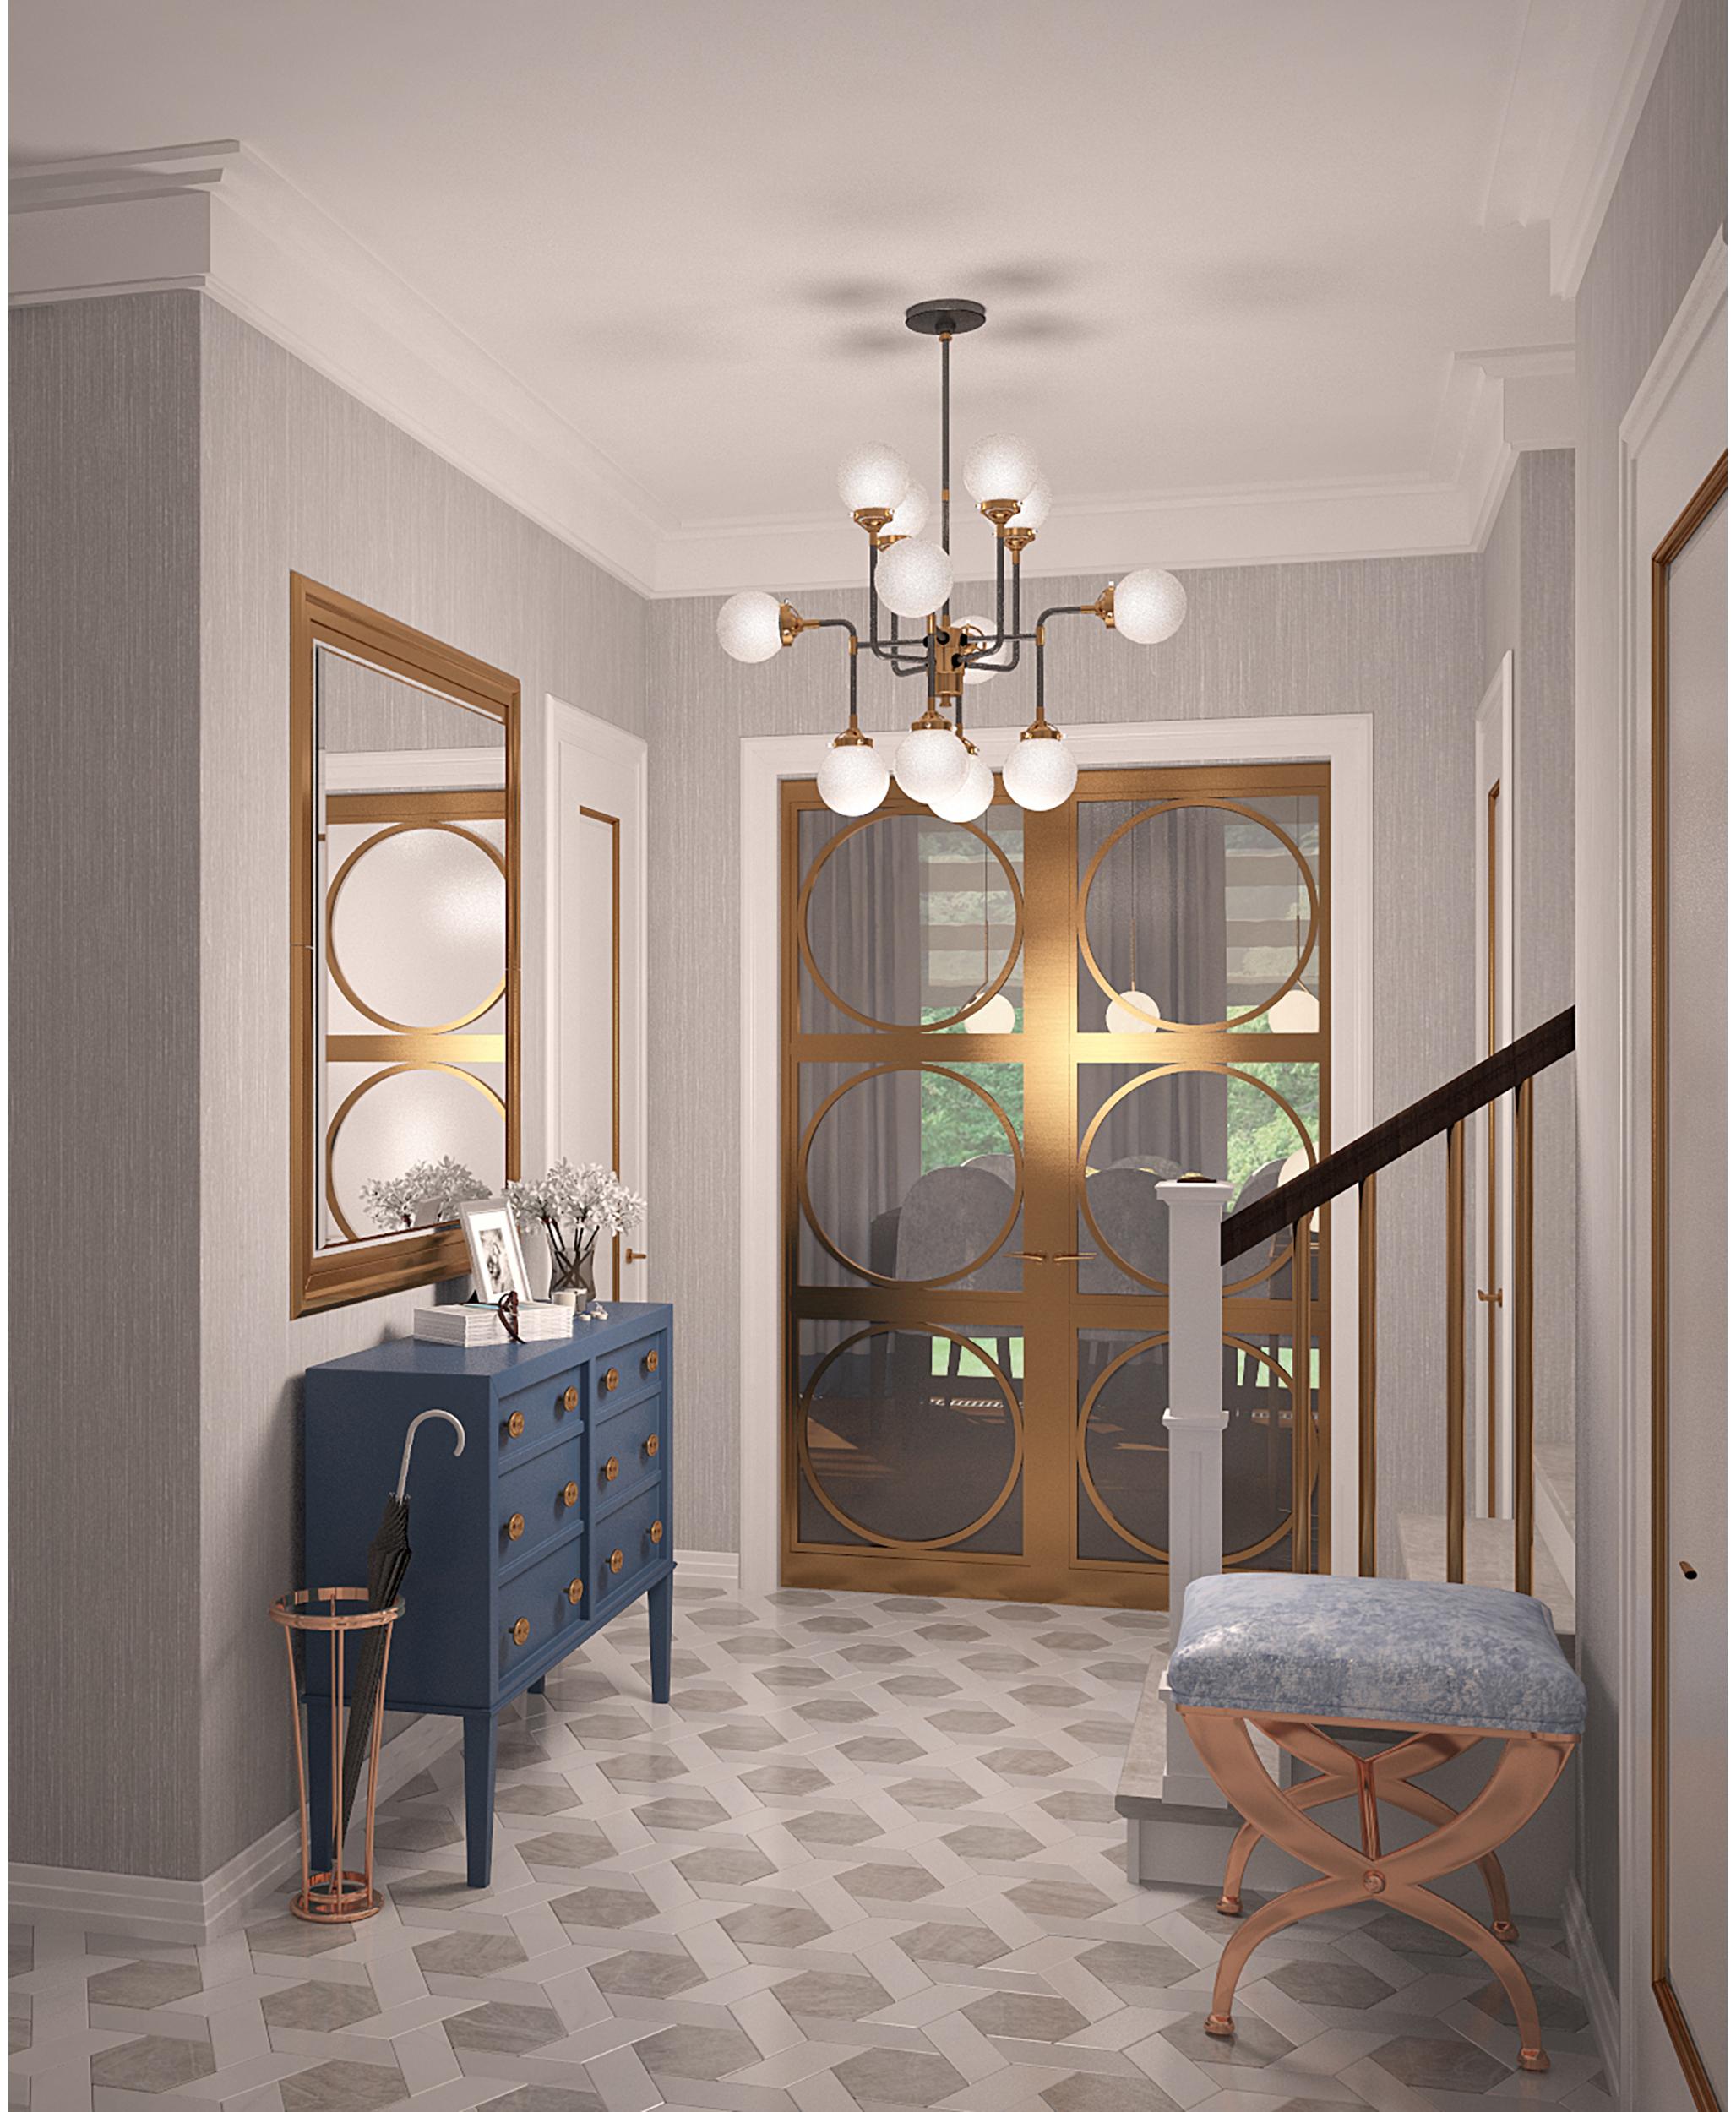 Copy of Private villa interior. Hallway